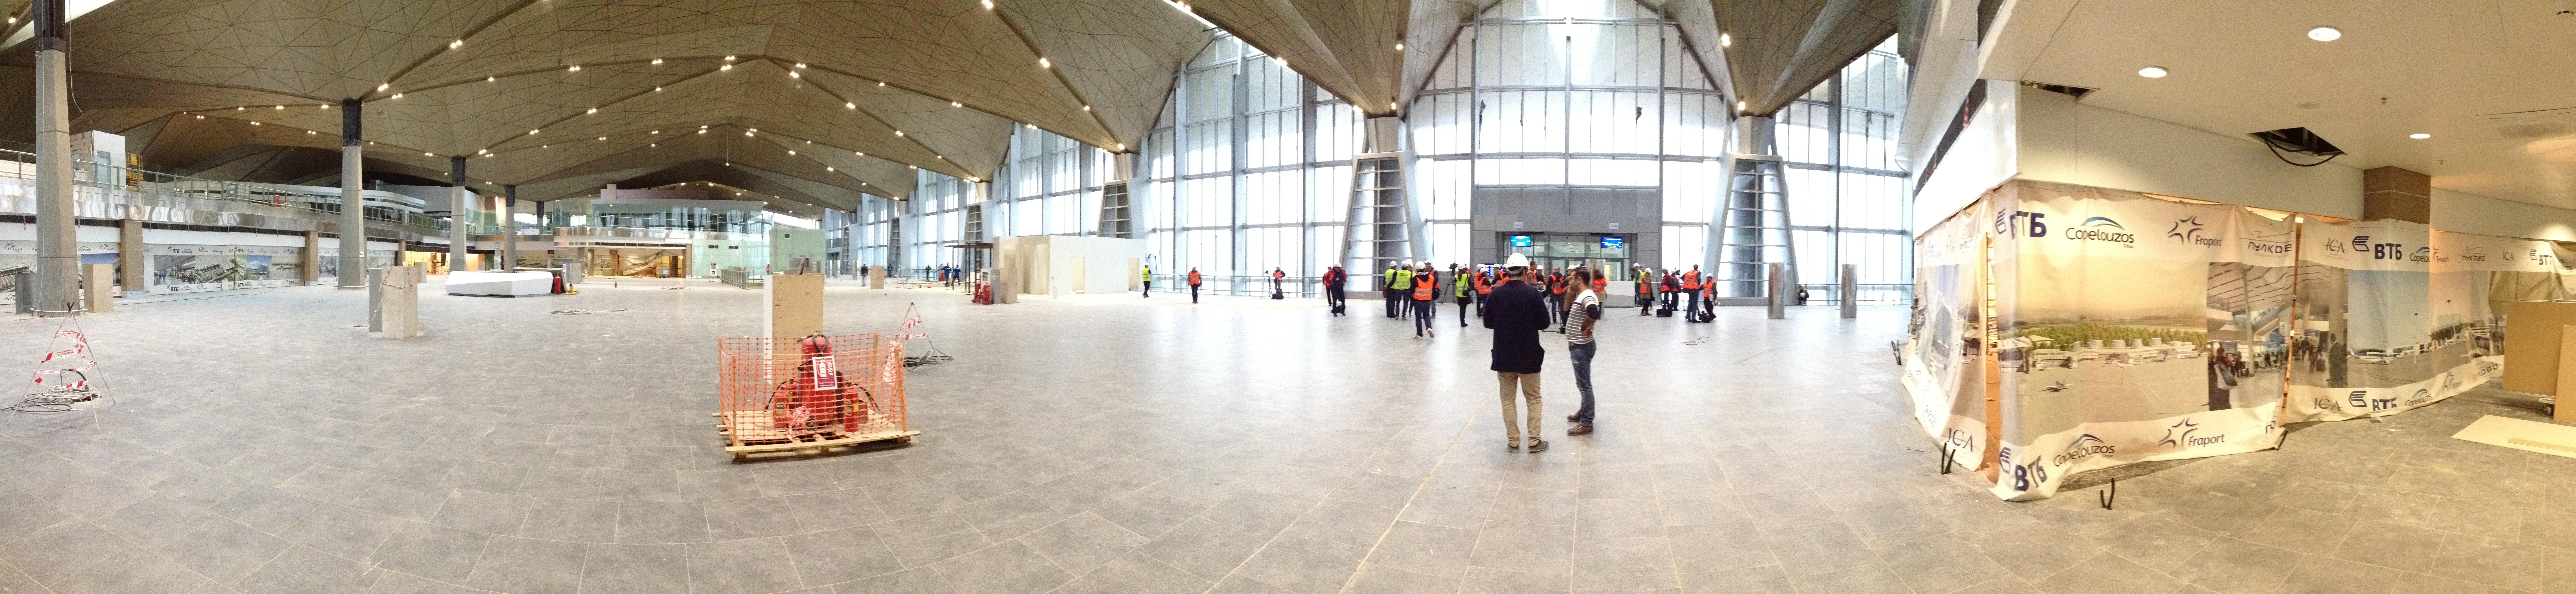 Панорама зала ожидания (стерильной зоны) нового терминала Пулково (Пулково 3)